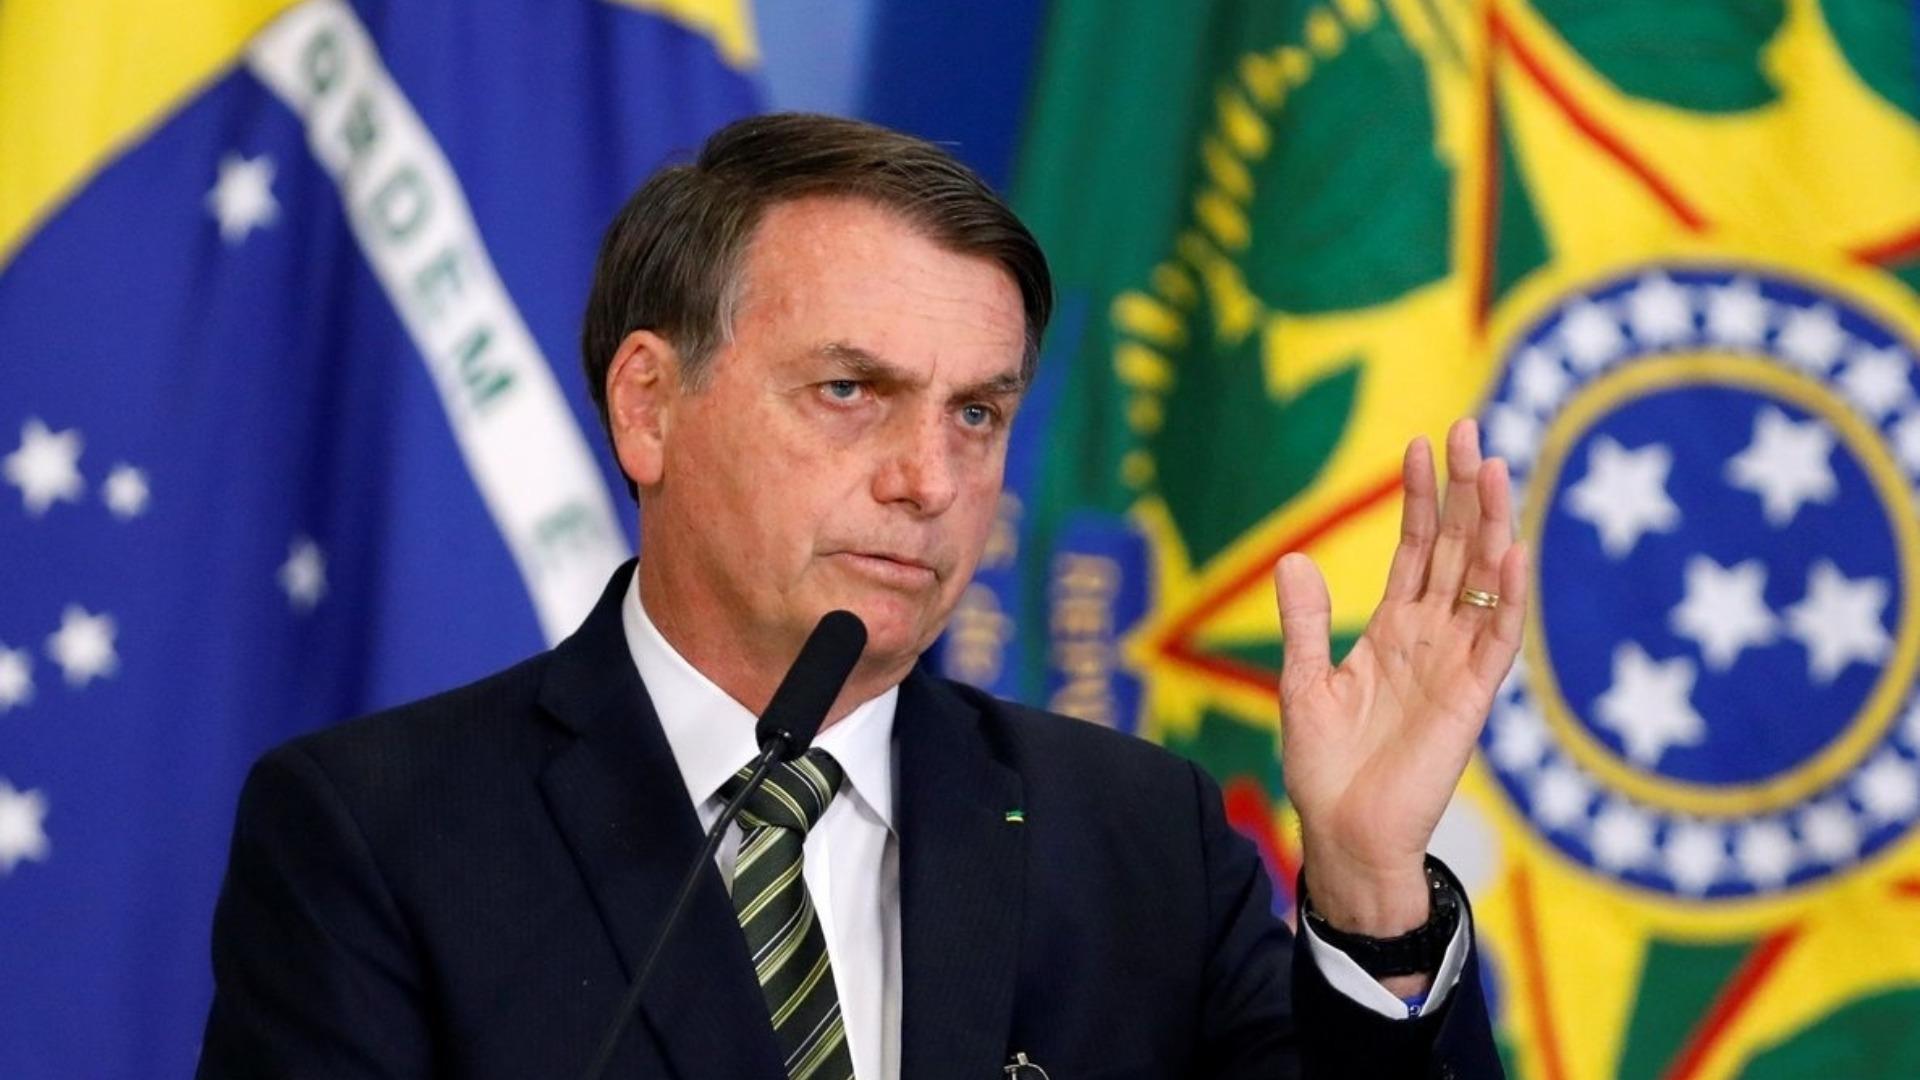 Demandarán a Jair Bolsonaro por poner en riesgo a periodistas al anunciar su positivo en Covid-19